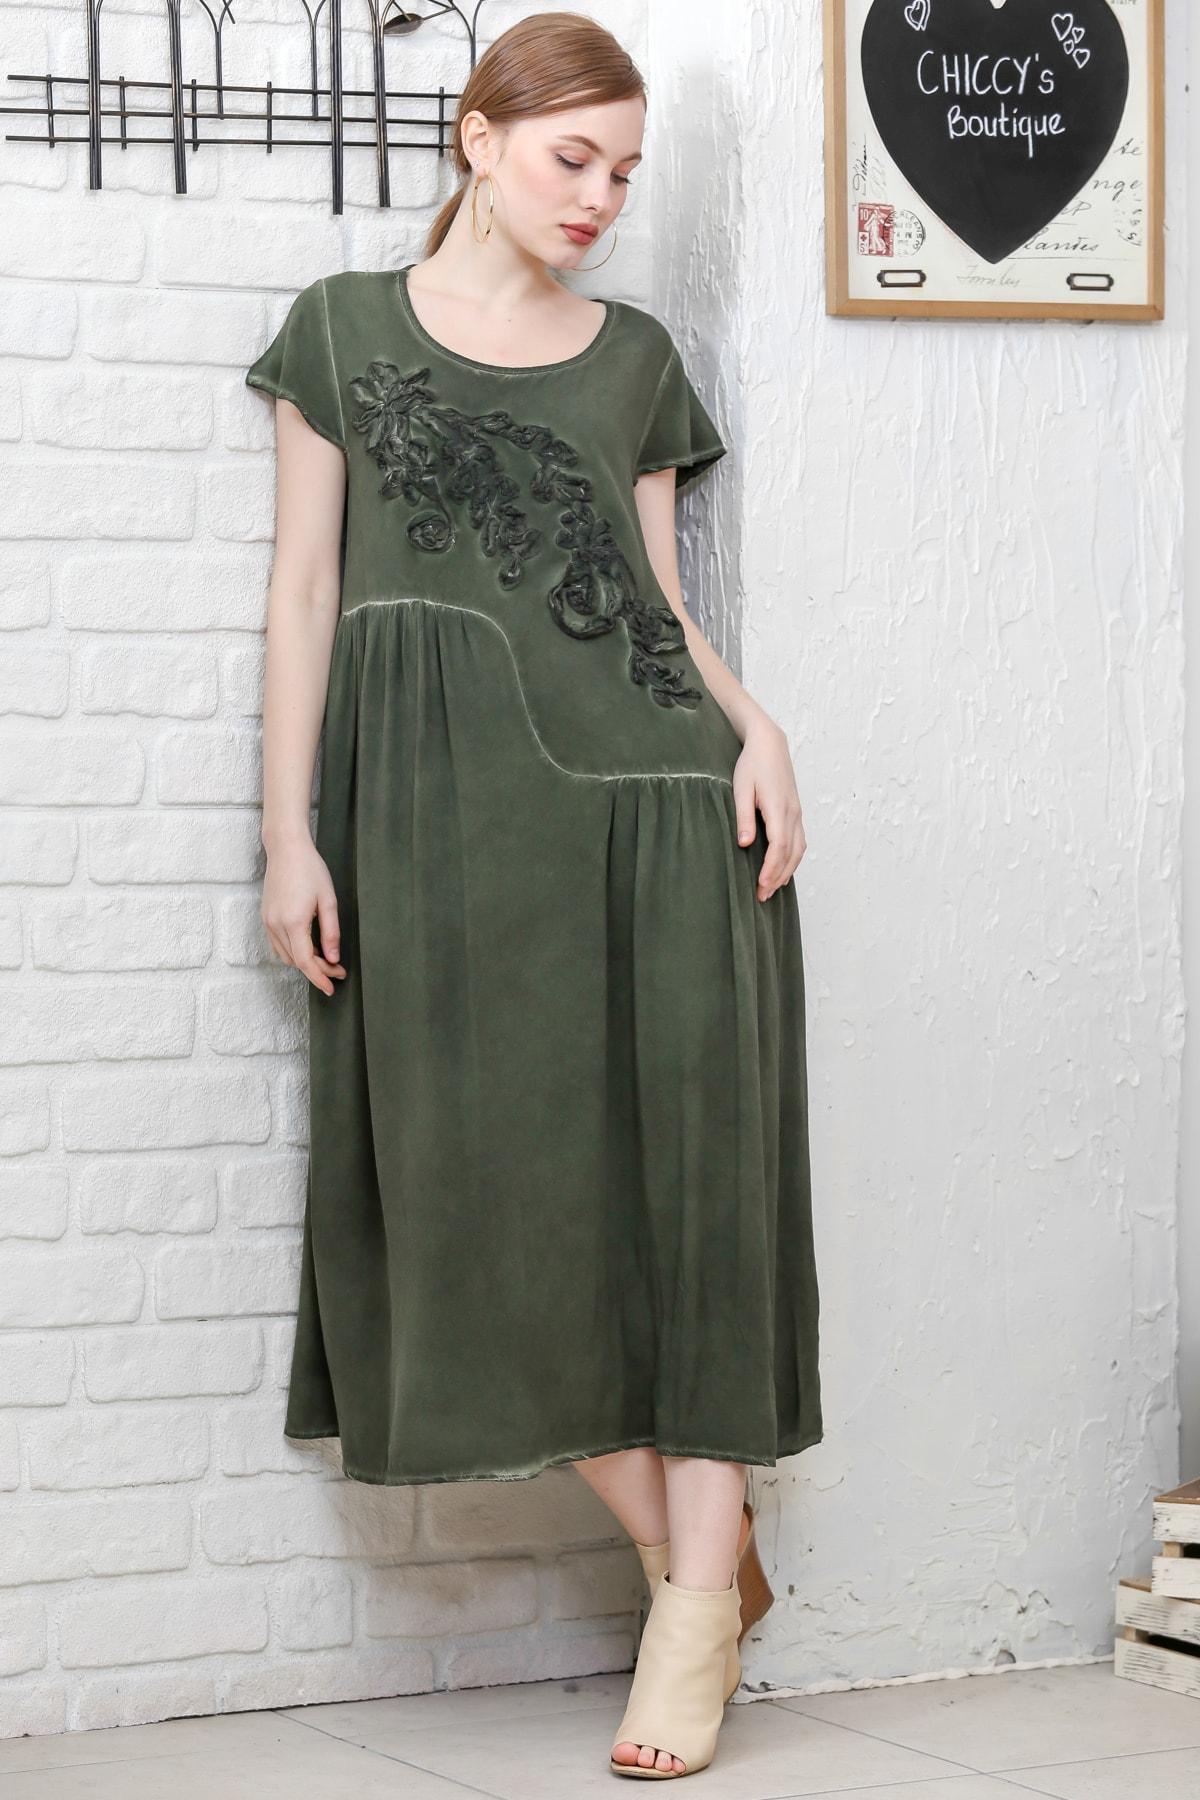 Chiccy Kadın Siyah Sıfır Yaka Süzene Çiçek Aplikeli Salaş Yıkamalı Elbise M10160000EL95154 0